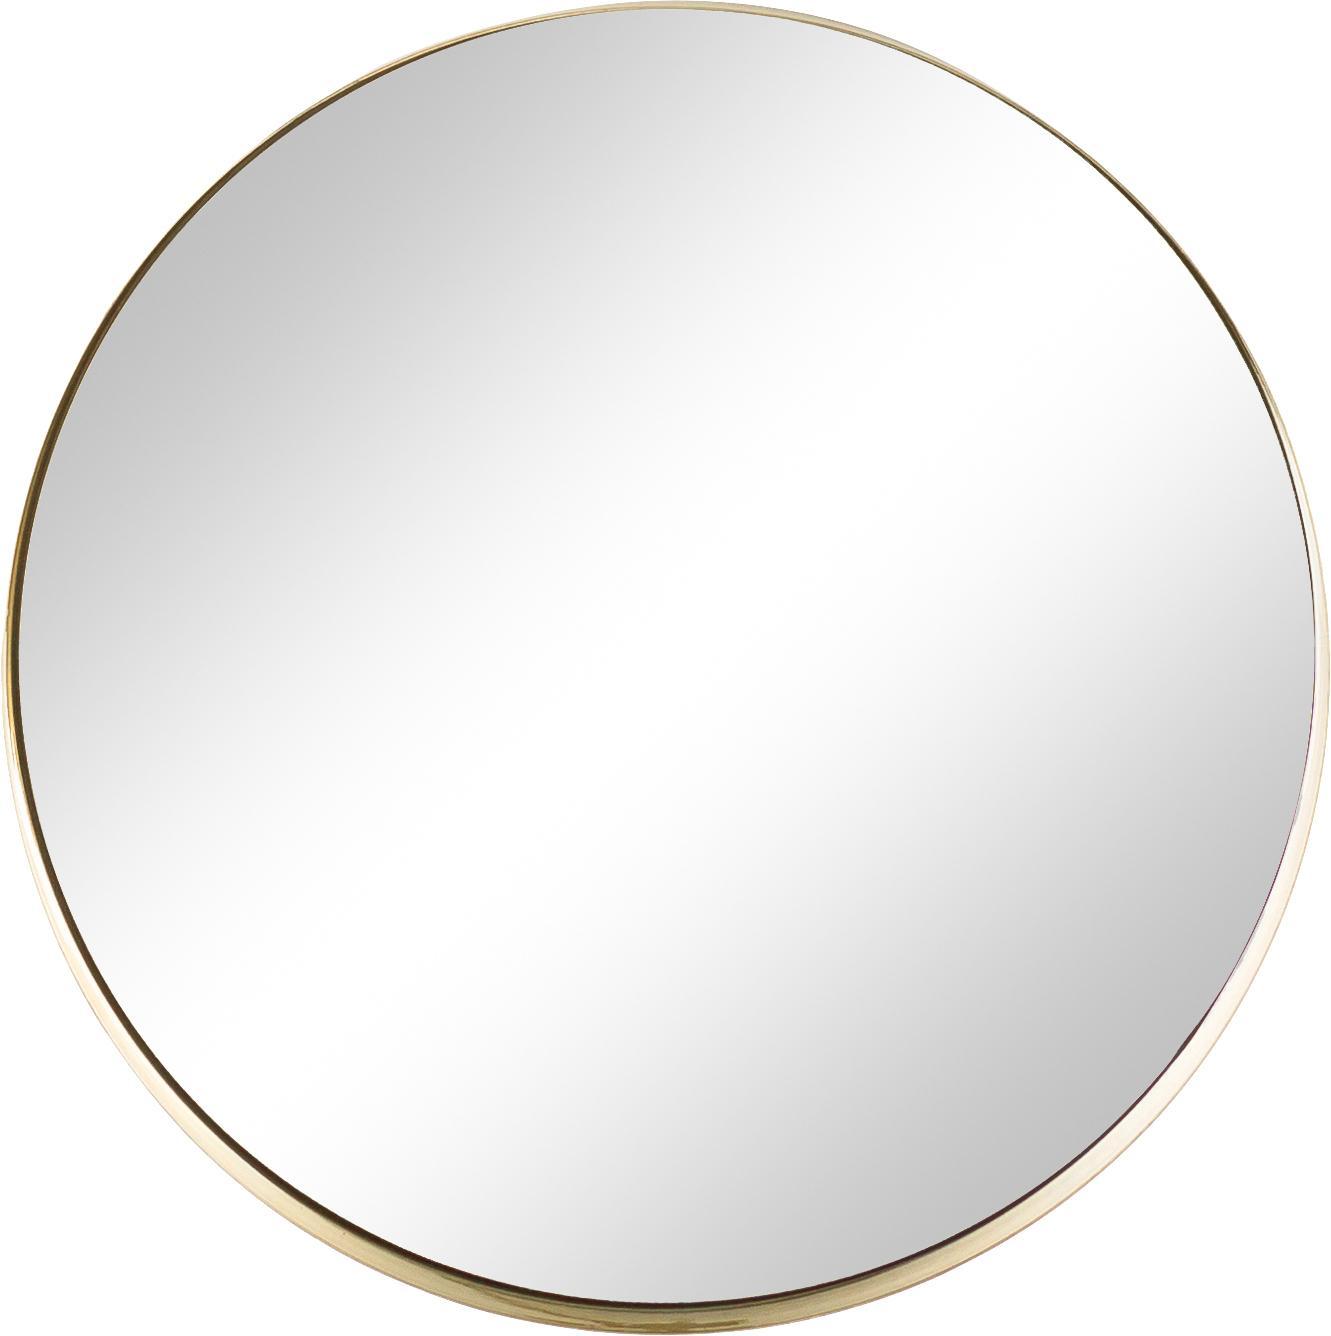 Specchio da parete rotondo Metal, Cornice: metallo verniciato con se, Cornice: dorato<br>Lastra di vetro, Ø 43 cm